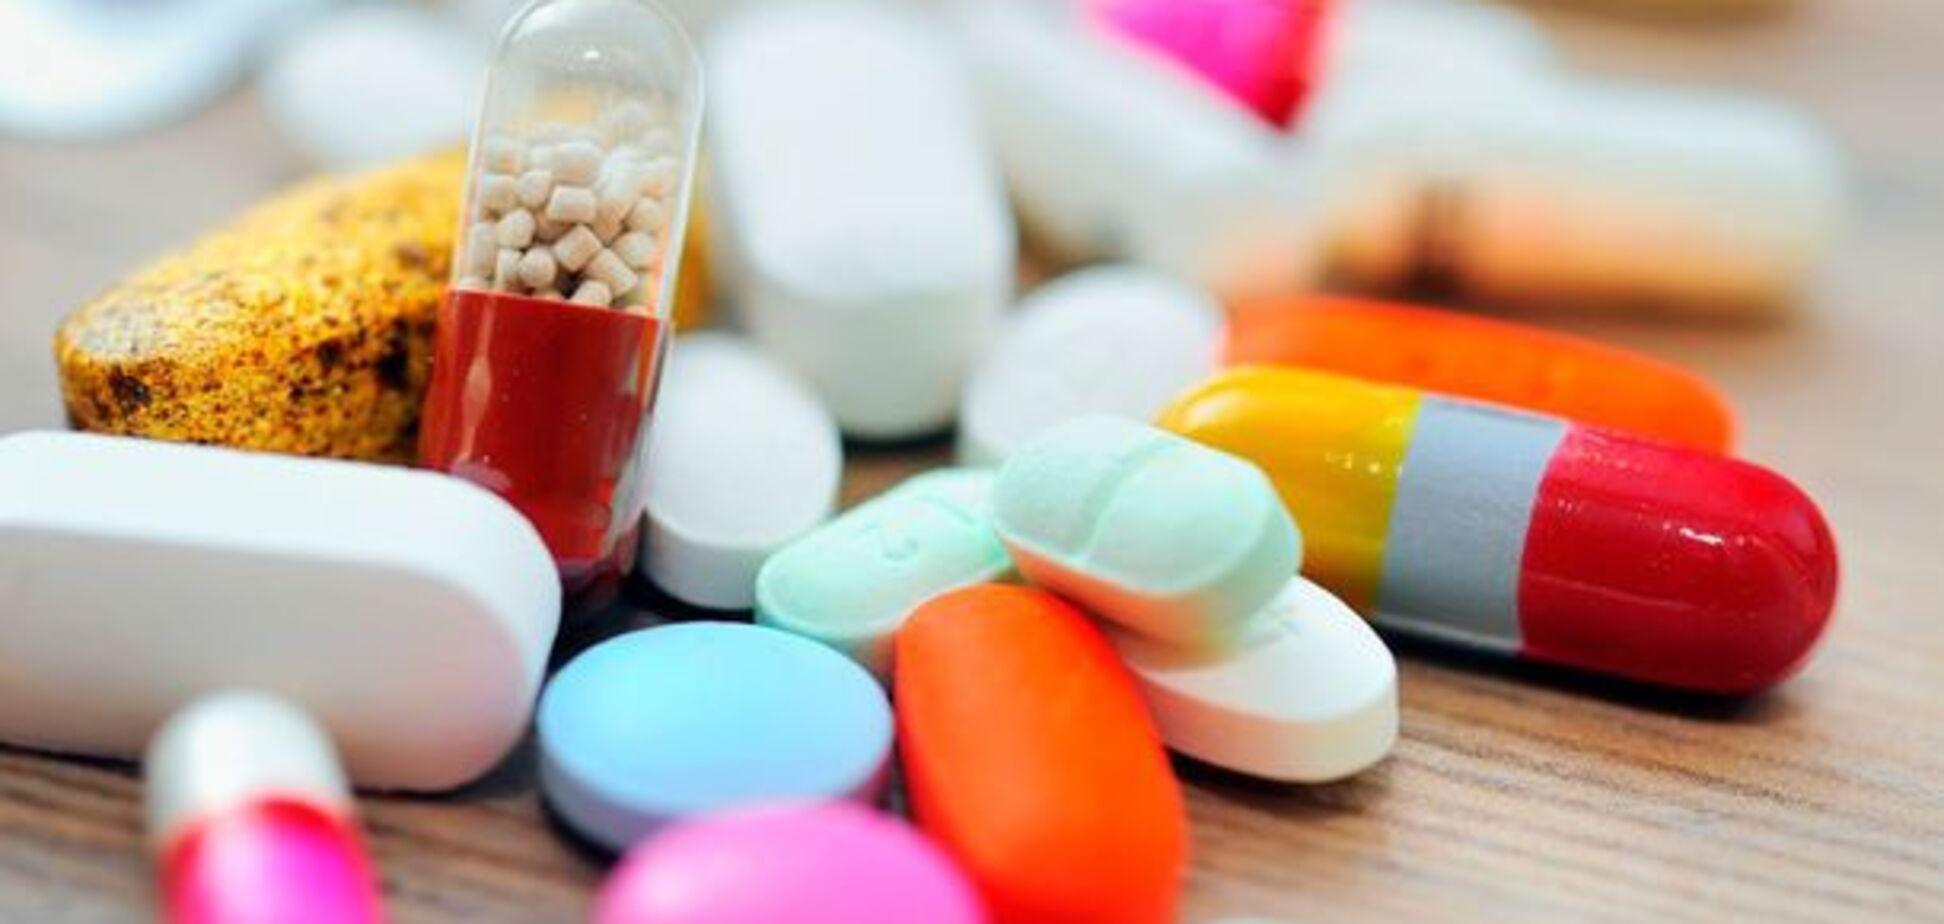 В Украине запретили около 70 лекарств: полный список